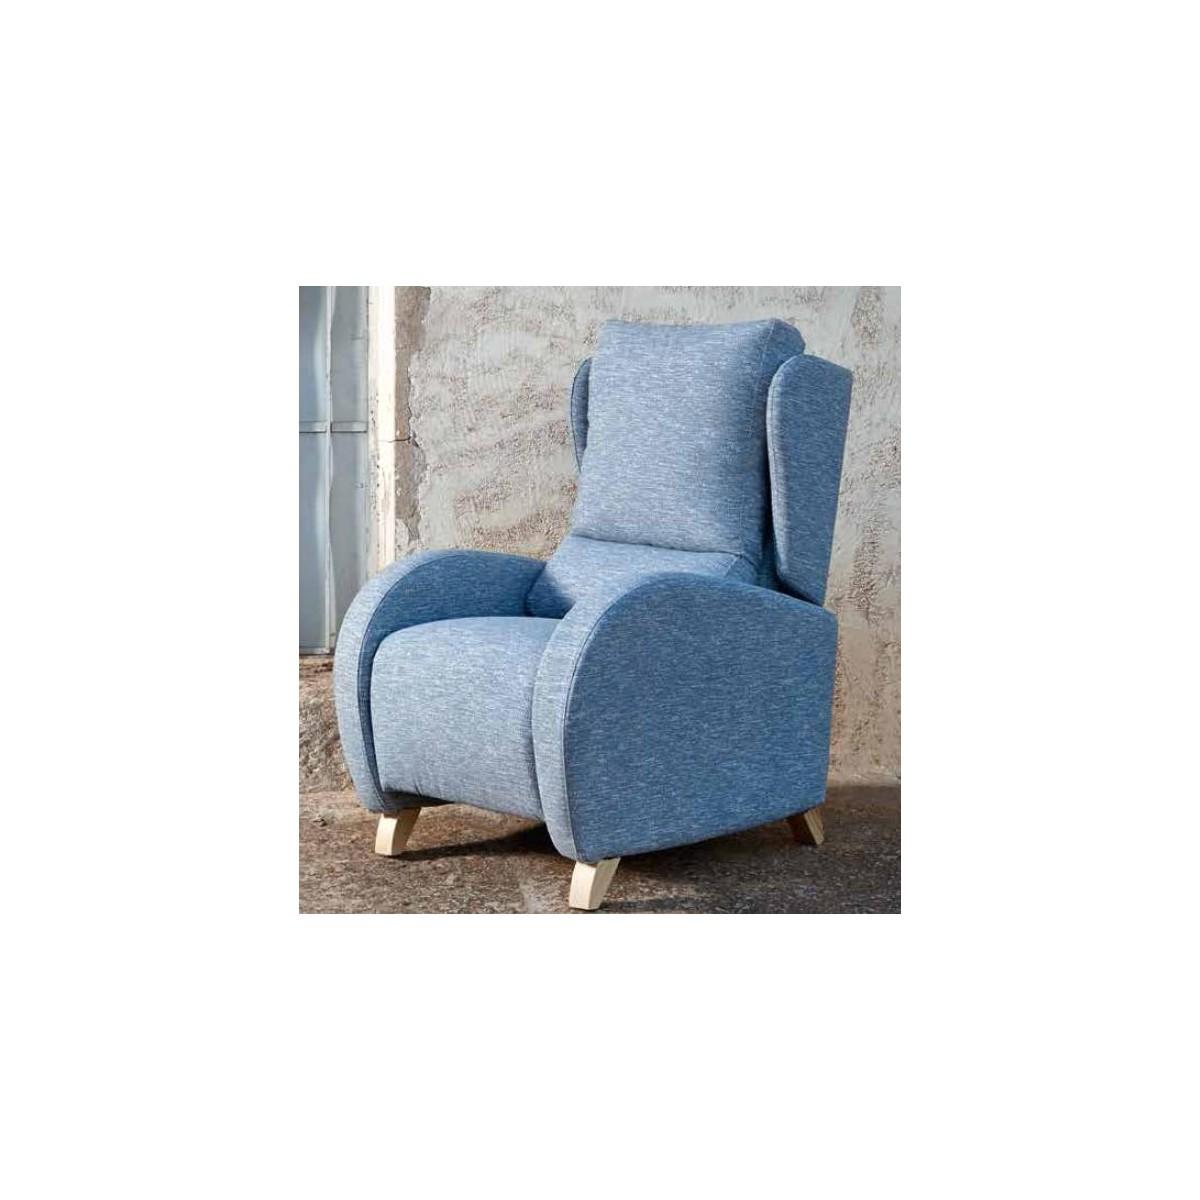 Sillón relax color azul de Monterelax - MIMO 735d7e6629